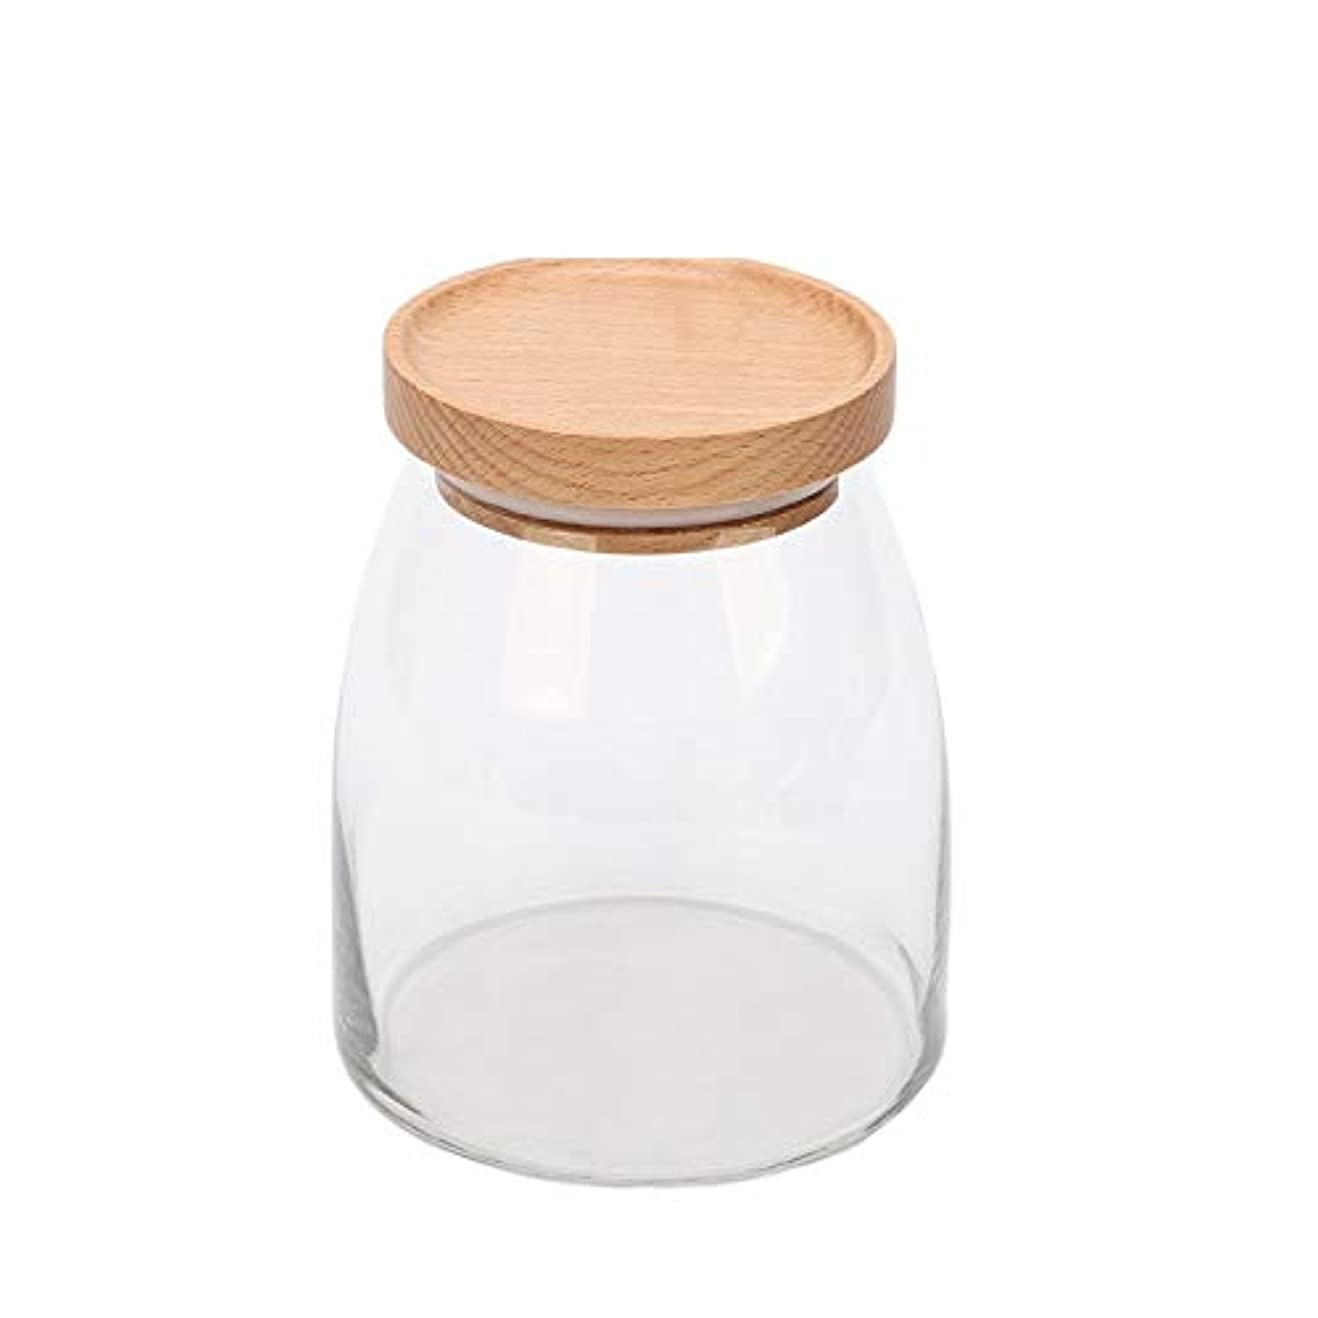 預言者マージ市民権貯蔵タンク、透明ガラス貯蔵タンク、家庭用食品、茶瓶